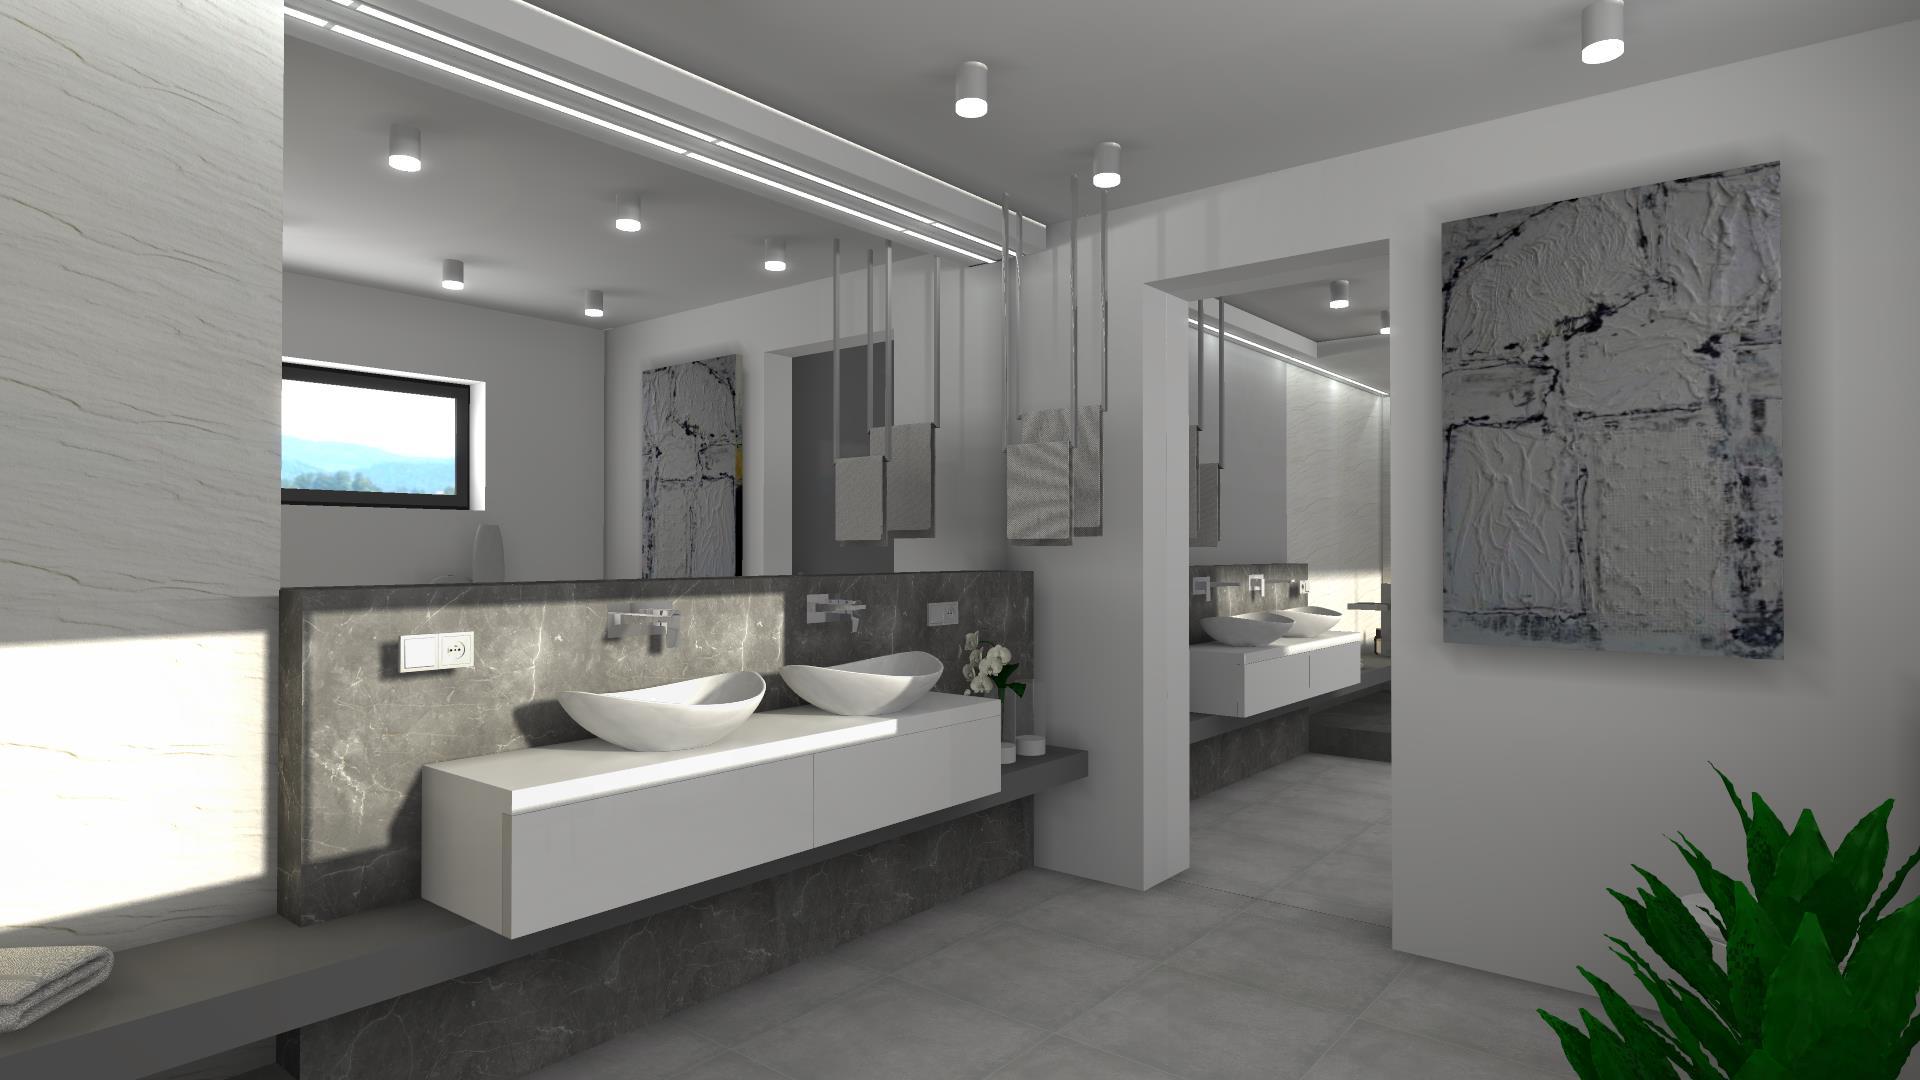 projekt wnętrza_projekt łazienki_Lubin_głogów_polskowice_Legnica_designbox_marta_bednarska_małek_sal